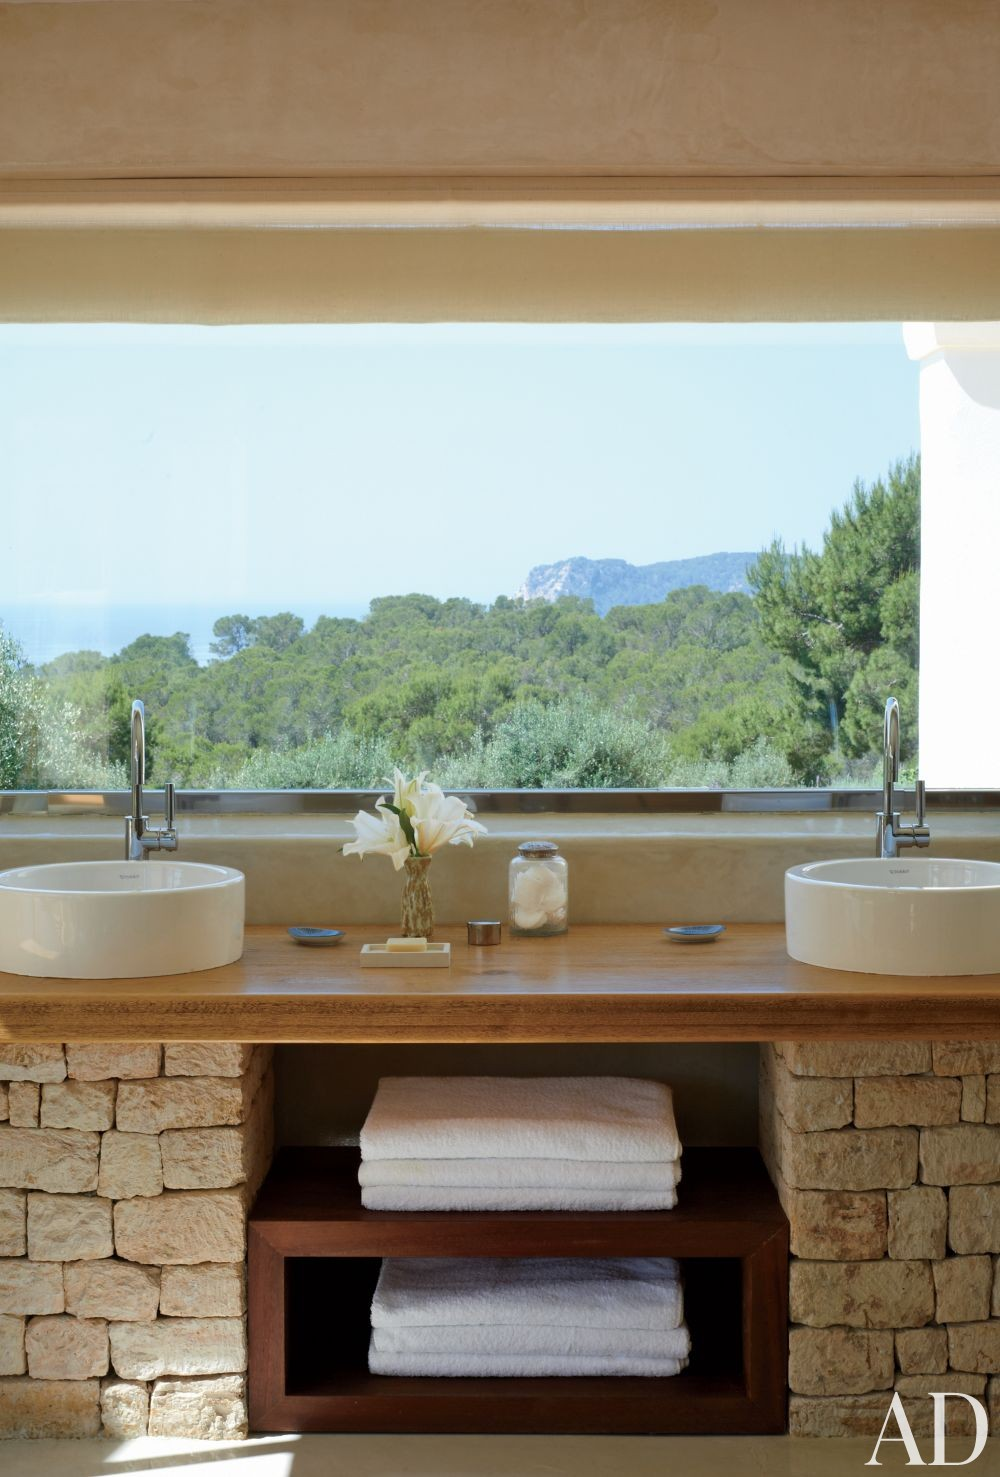 Exotic Bathroom by Carden Cunietti Ltd. in Ibiza